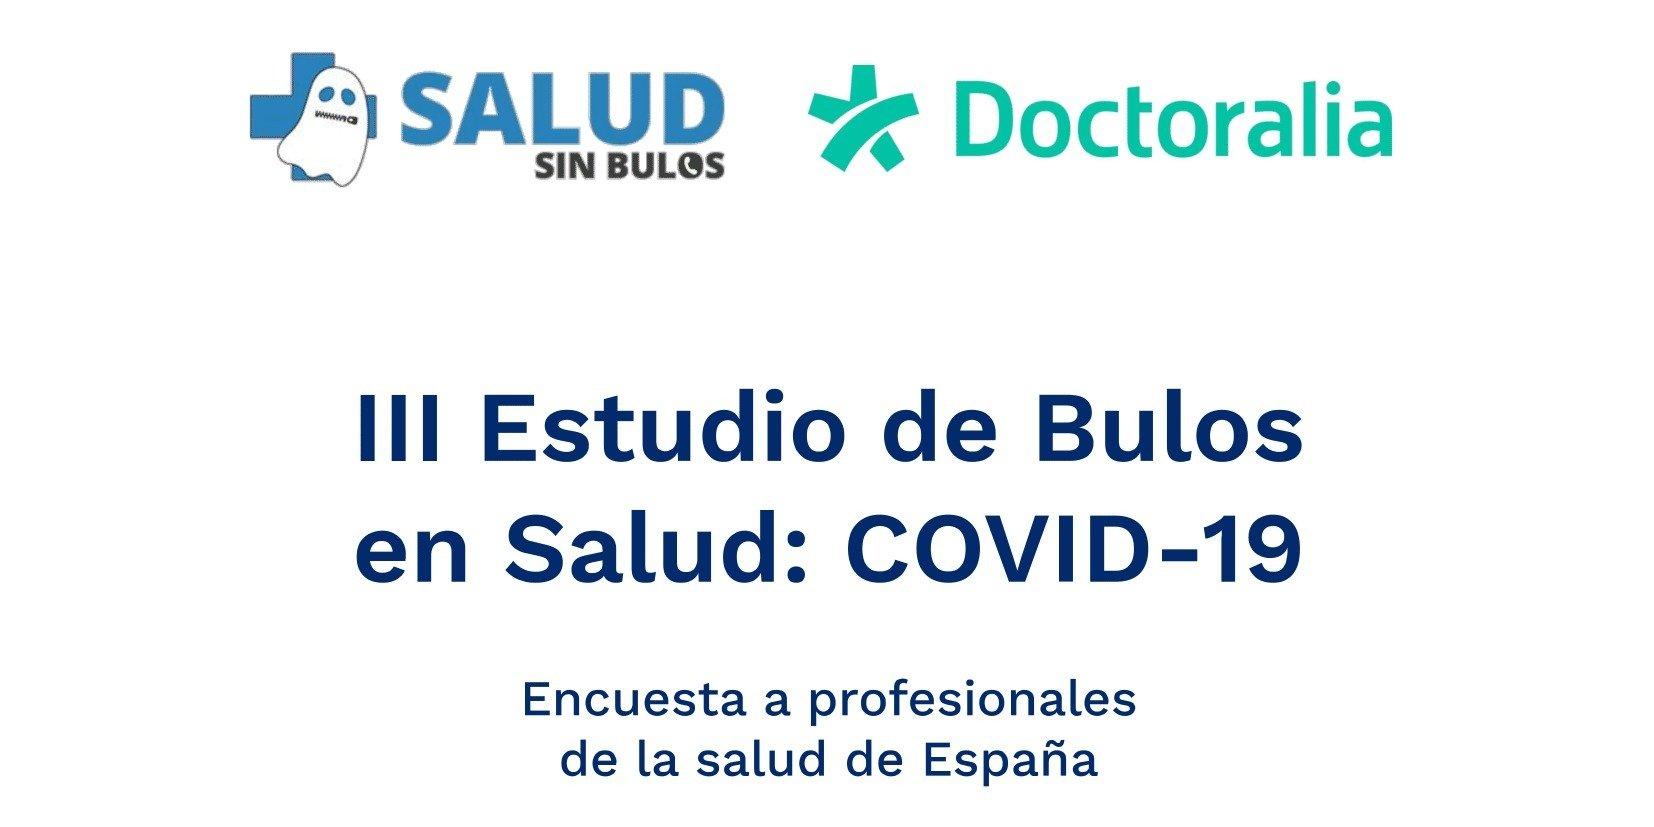 2 de cada 3 médicos han atendido consultas acerca de tratamientos para Covid-19 sin evidencia científica.